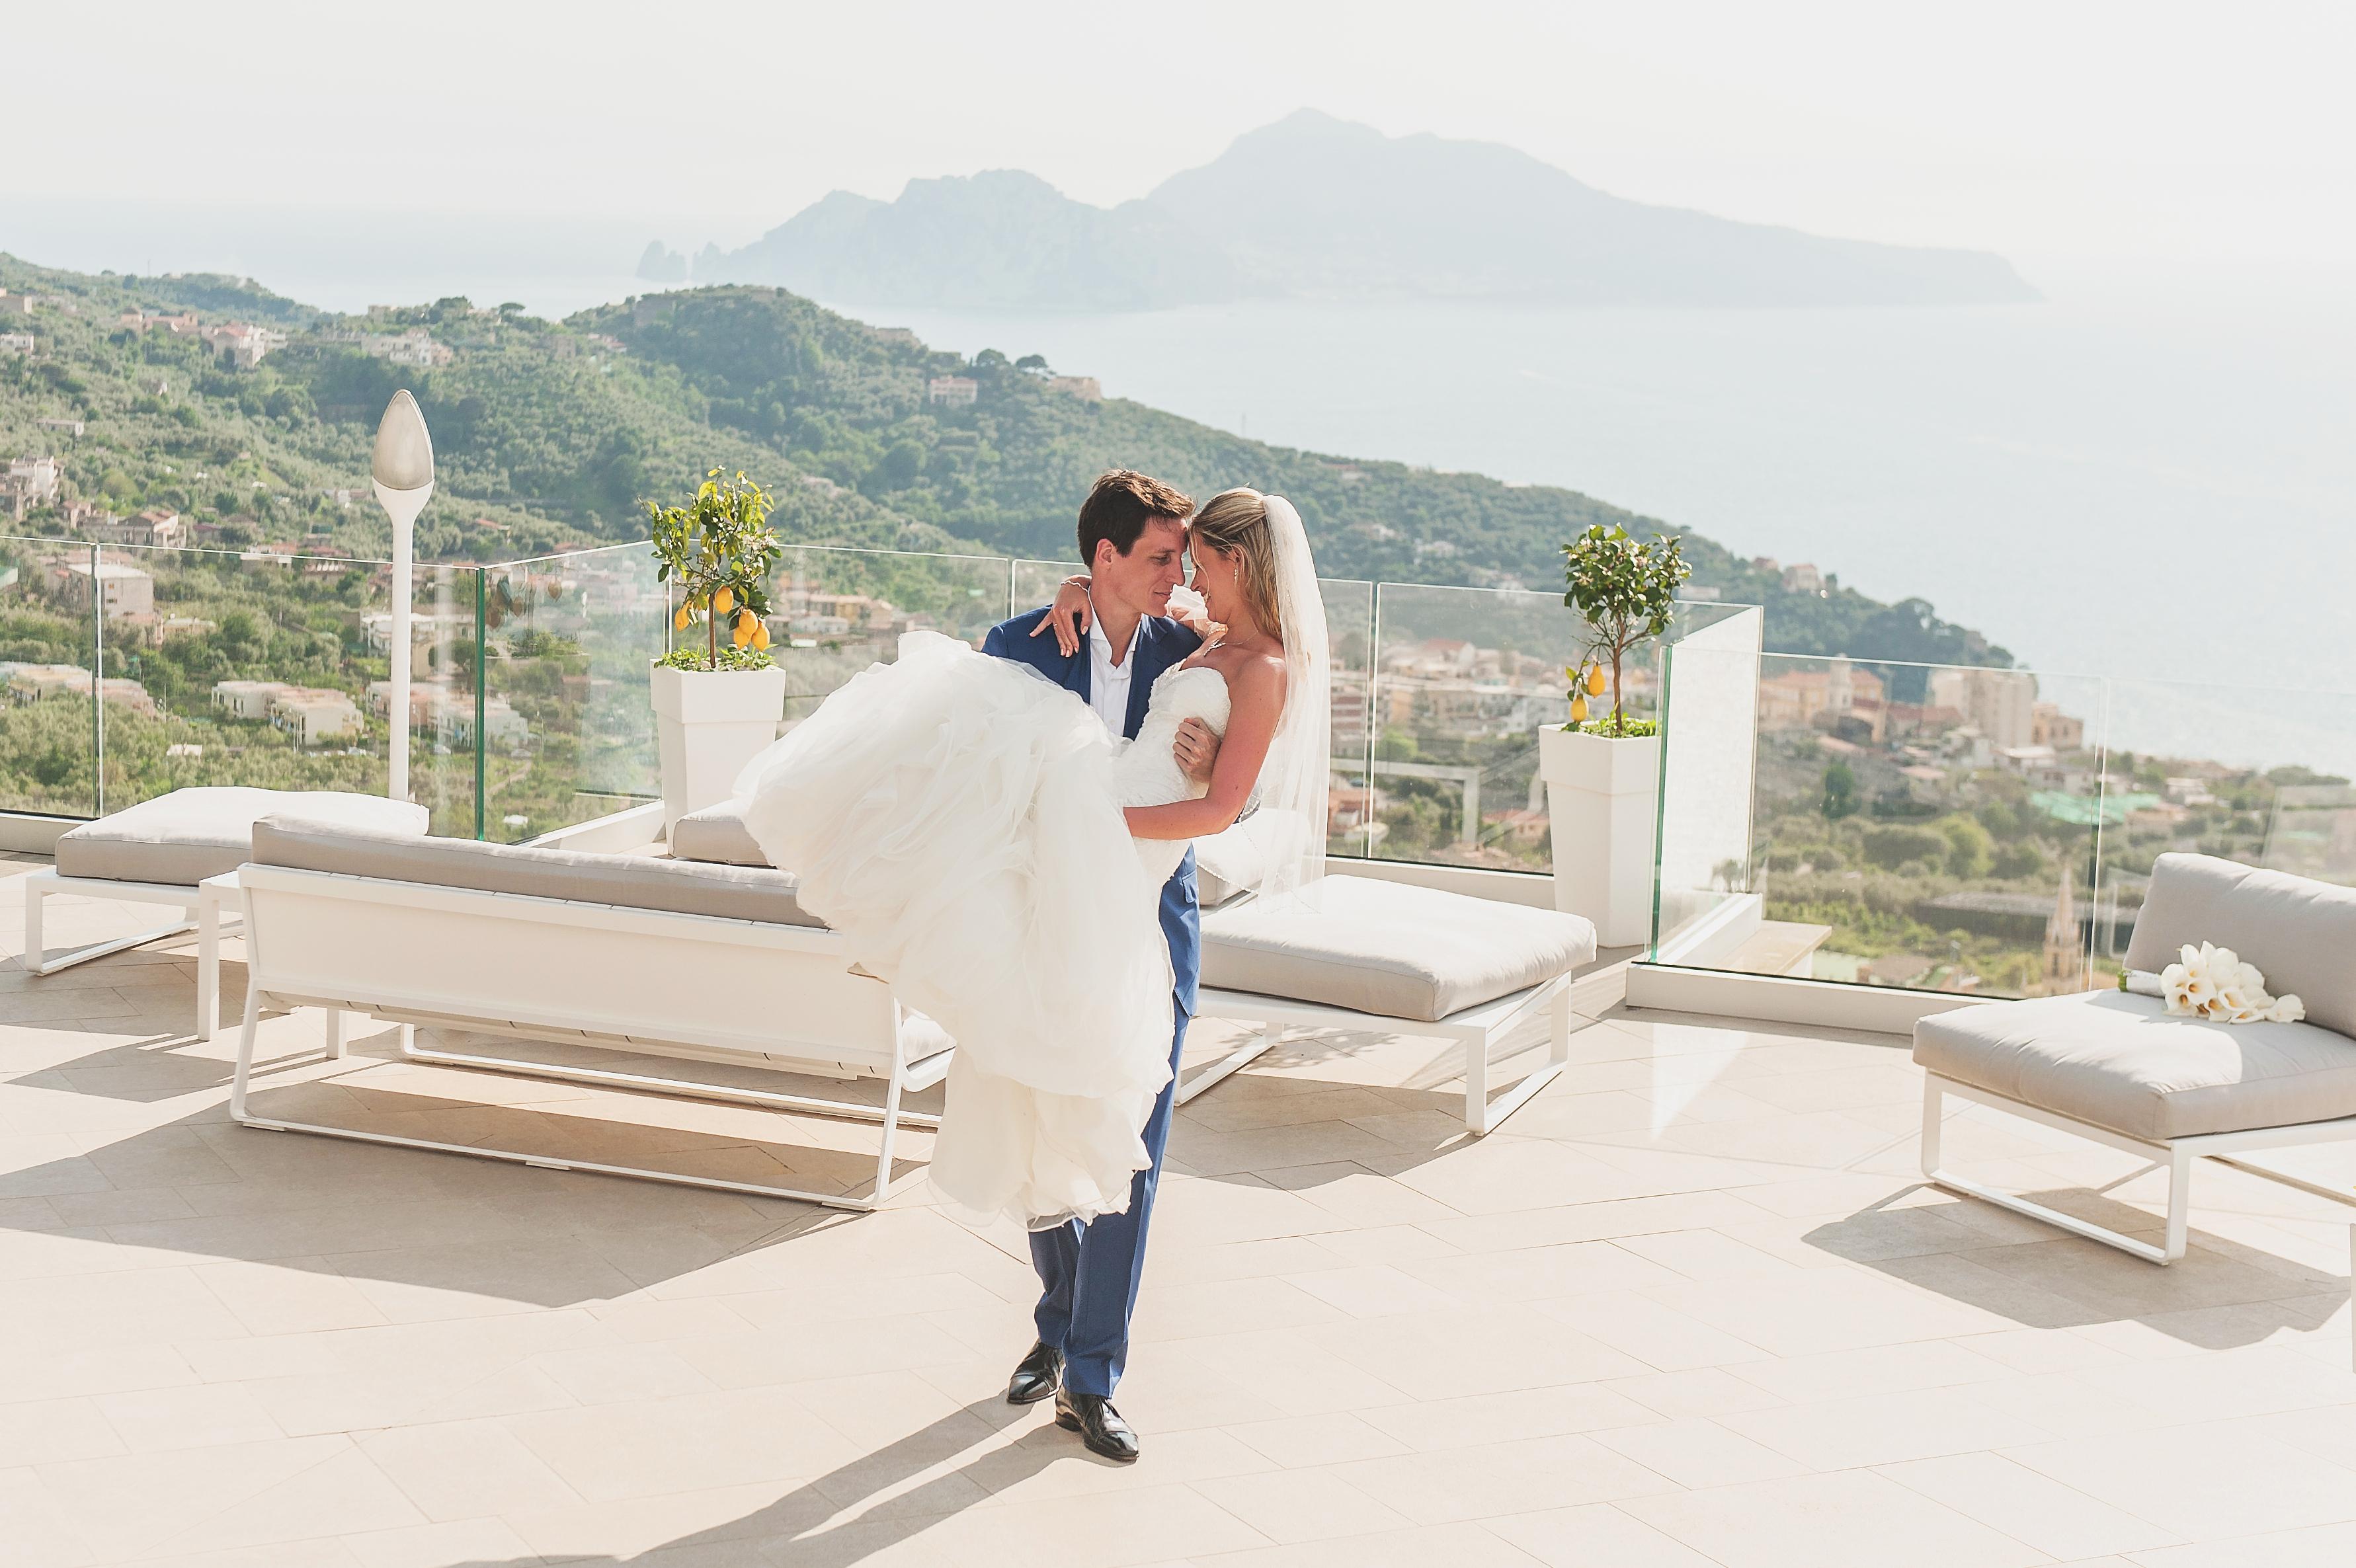 Bride & Groom in Sorrento wedding venue